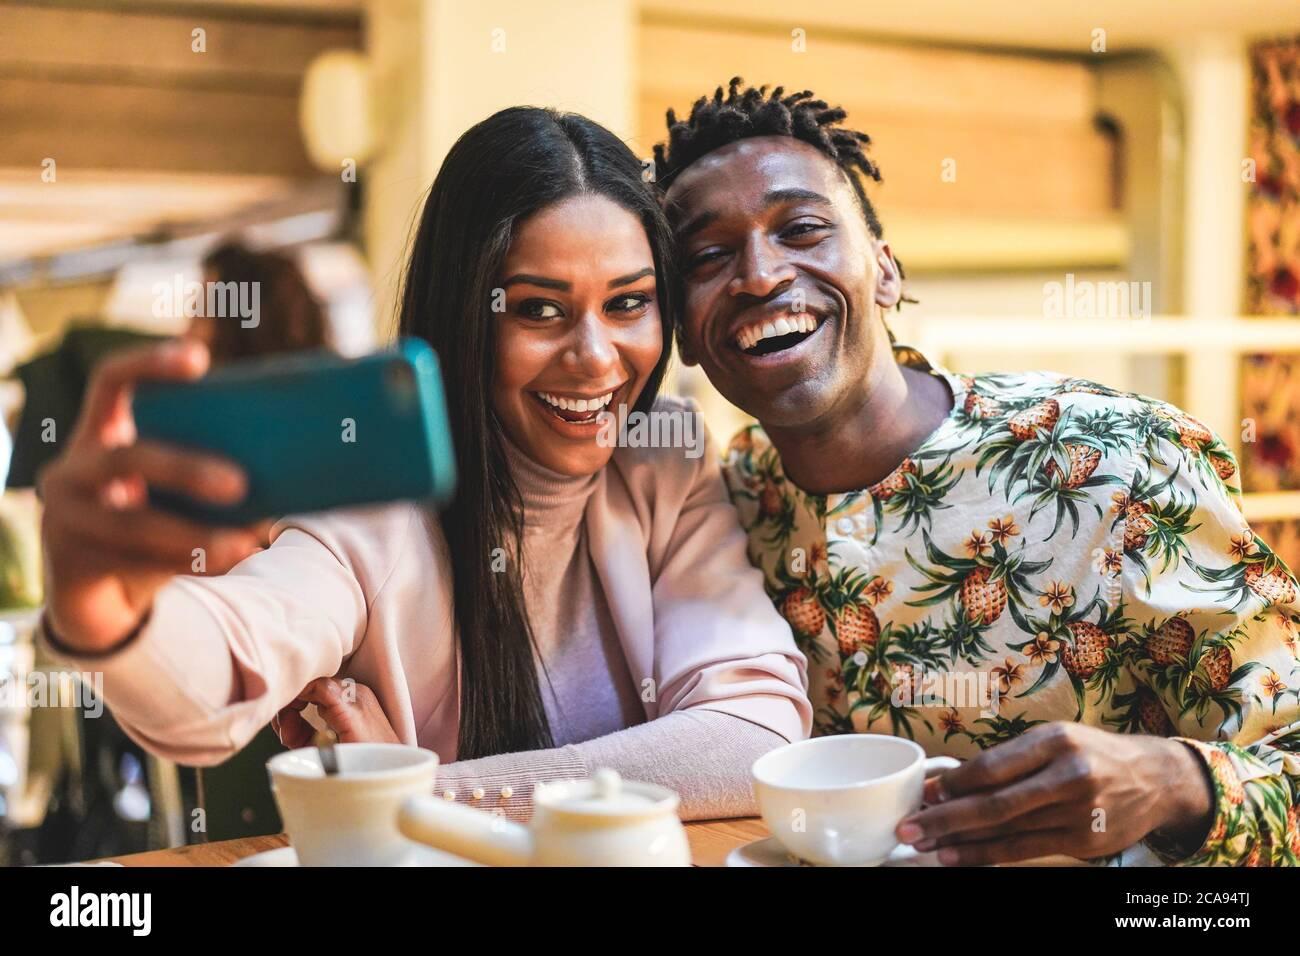 Heureux couple noir de boire du café dans la boulangerie tout en prenant selfie avec le téléphone mobile - jeunes s'amuser avec les tendances de la technologie - médias sociaux Banque D'Images